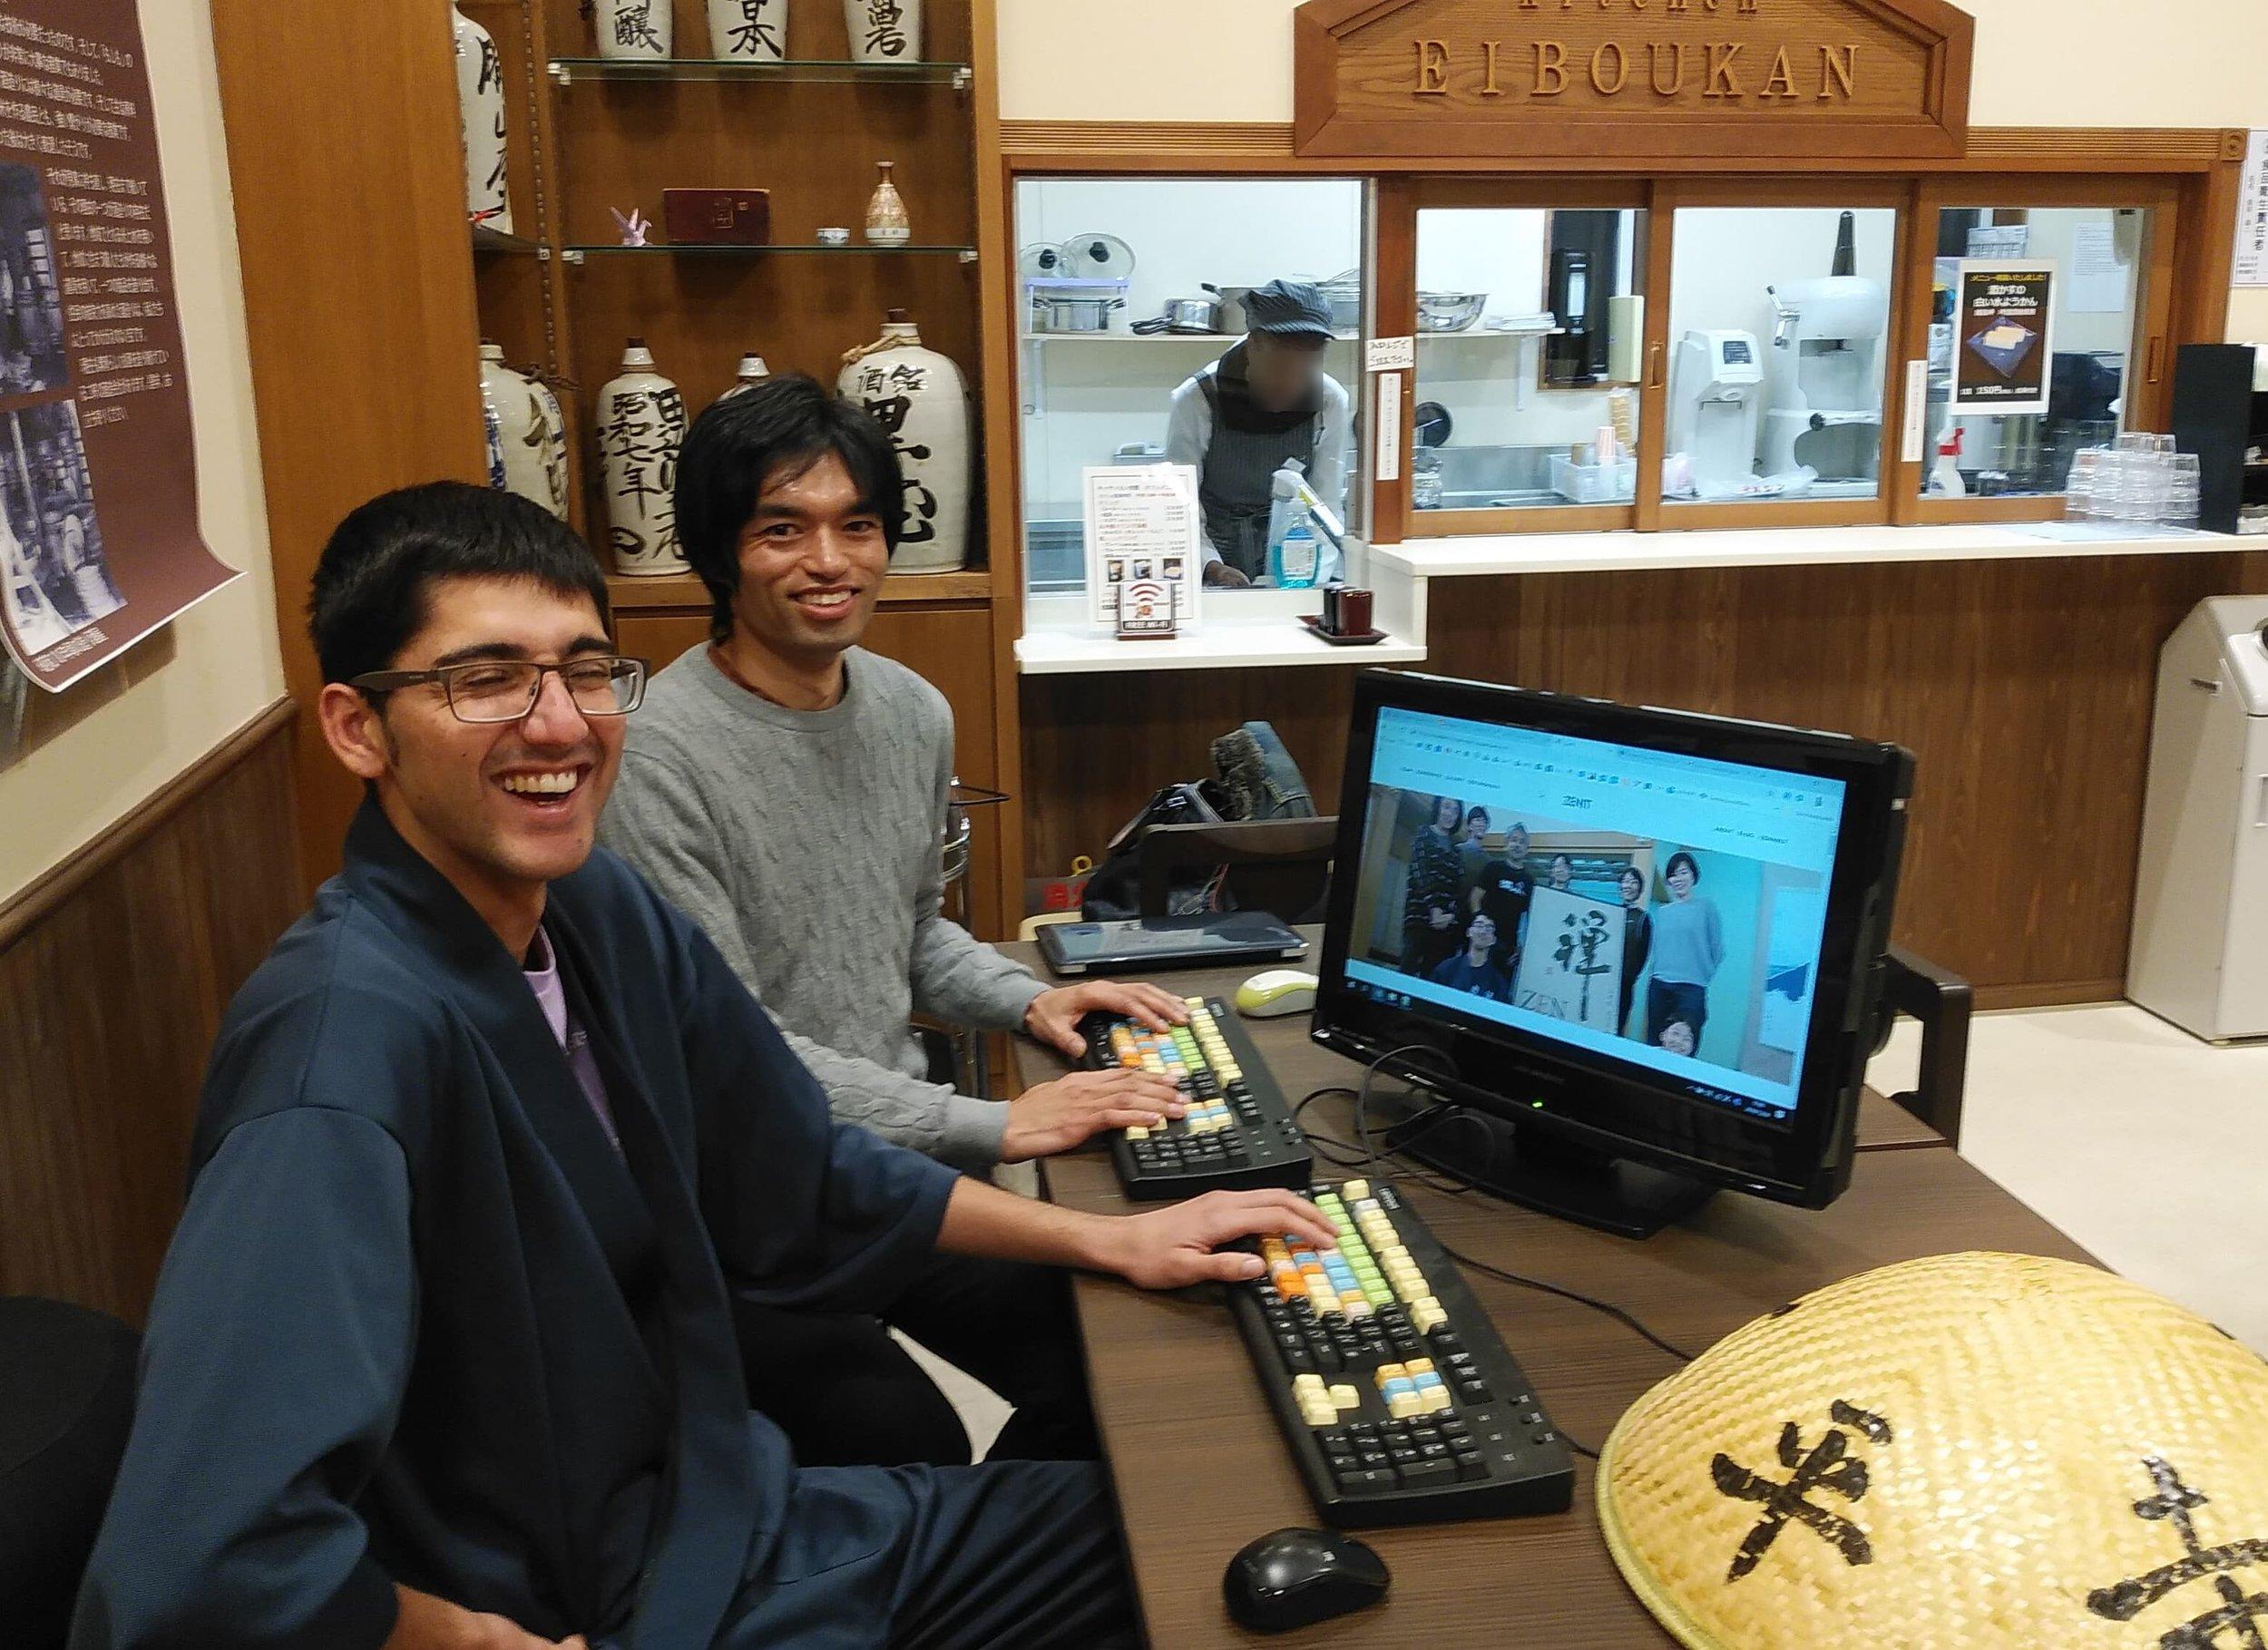 2018年12月9日:光川直幸さんとあみる氏がペアワークで禅ITのウェブサイトを更新していました。( 福井しらべでのポスト )